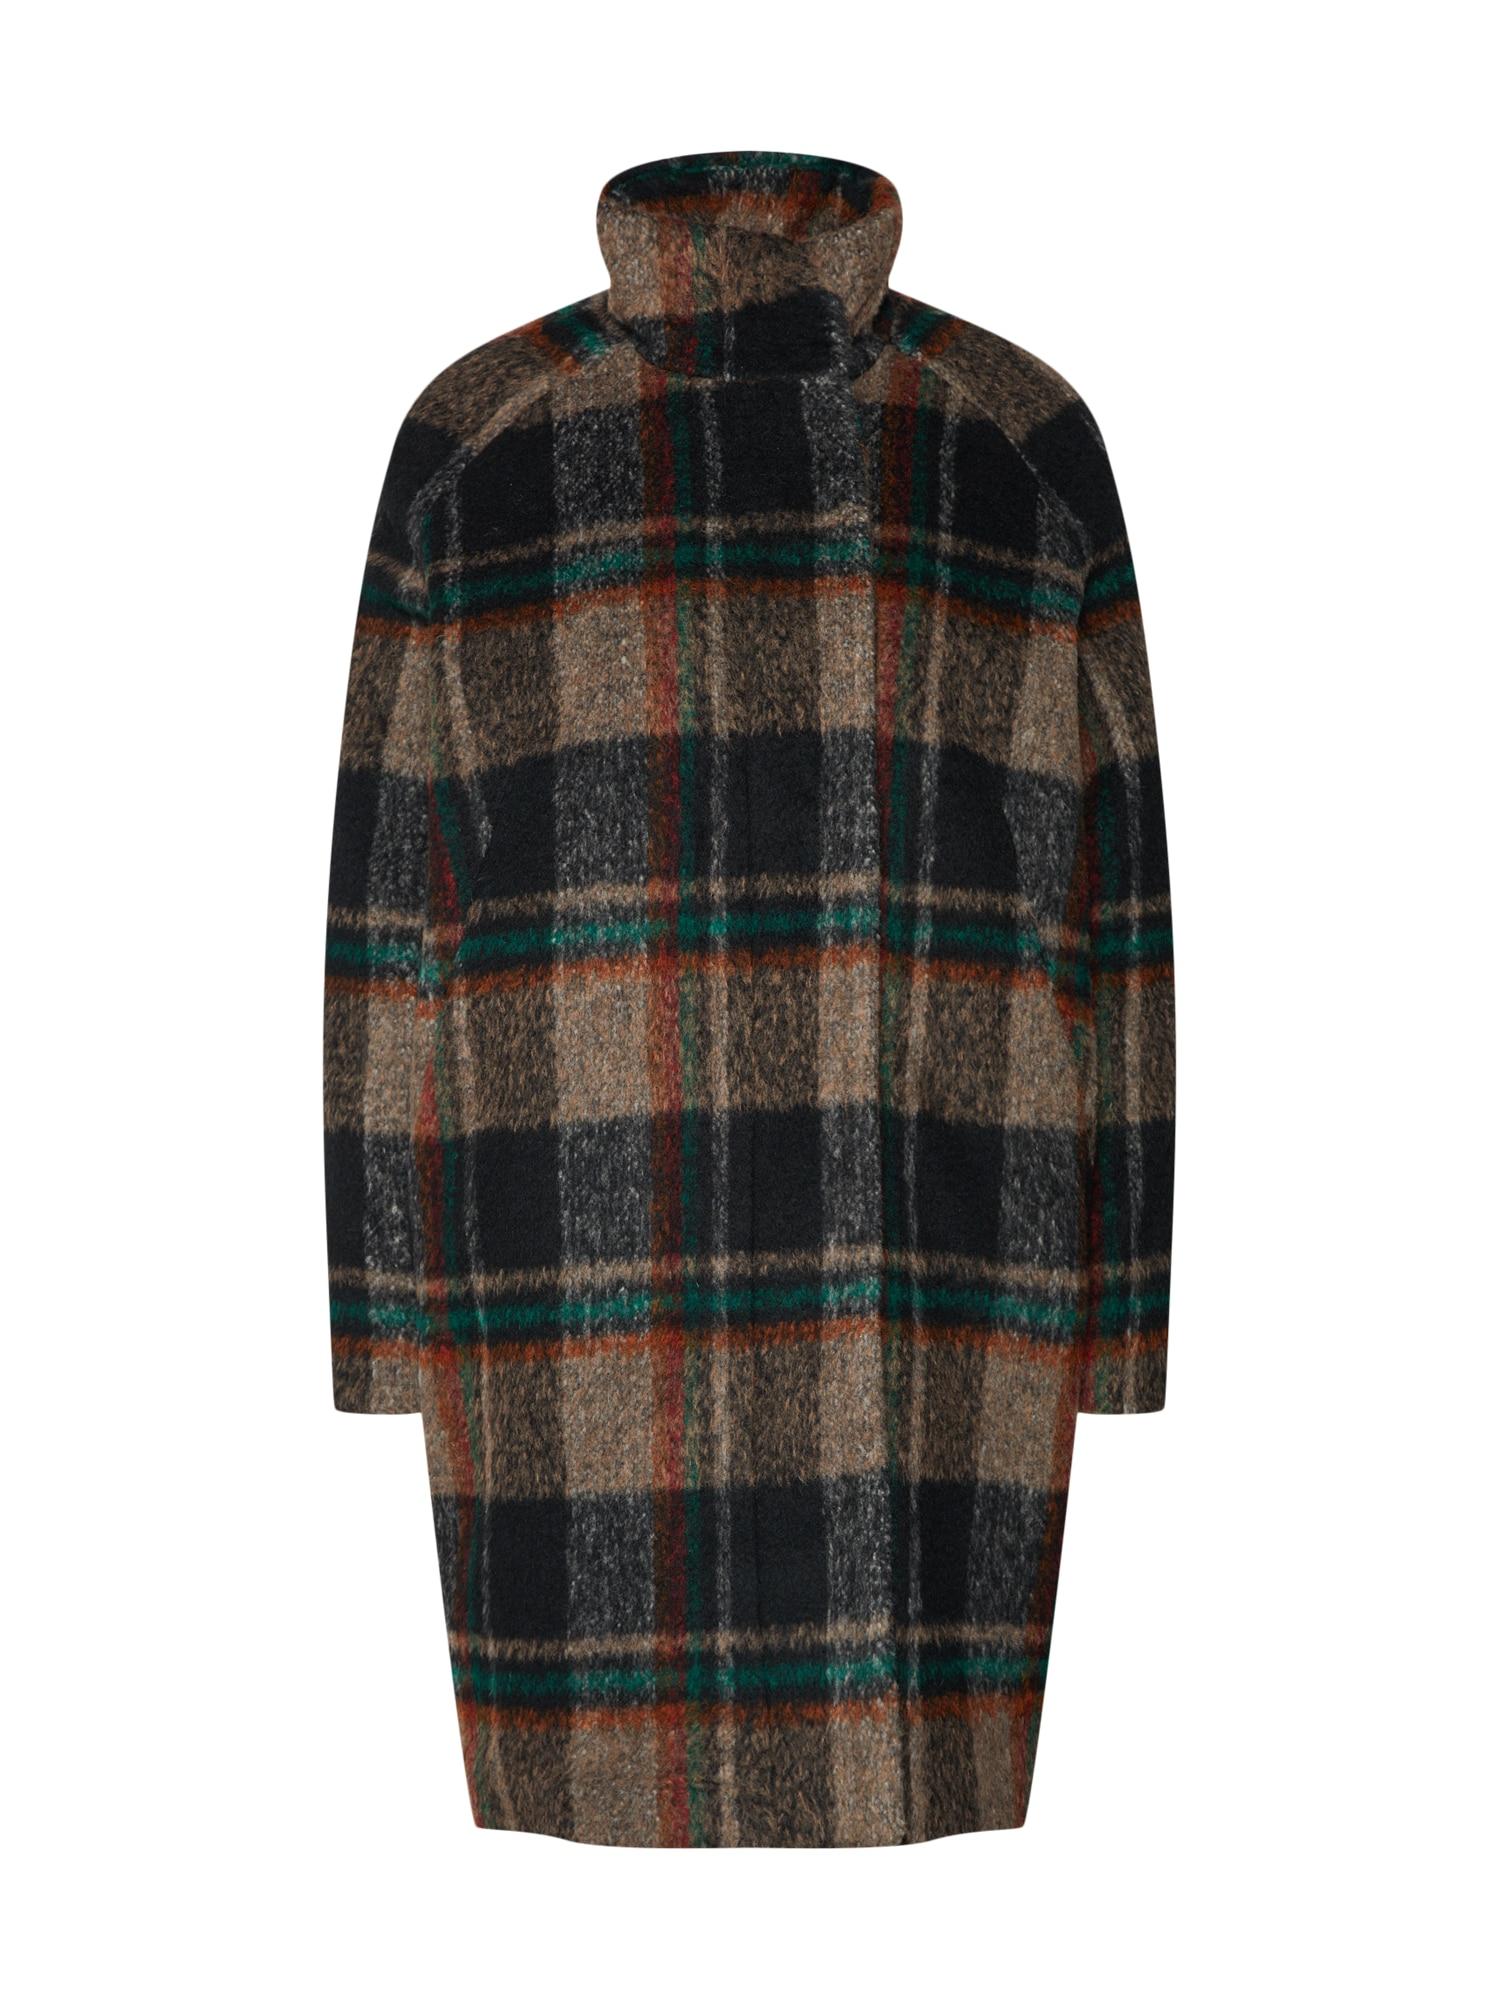 Zimní kabát Hoff jacket 10616 hnědá jedle černá Samsoe & Samsoe